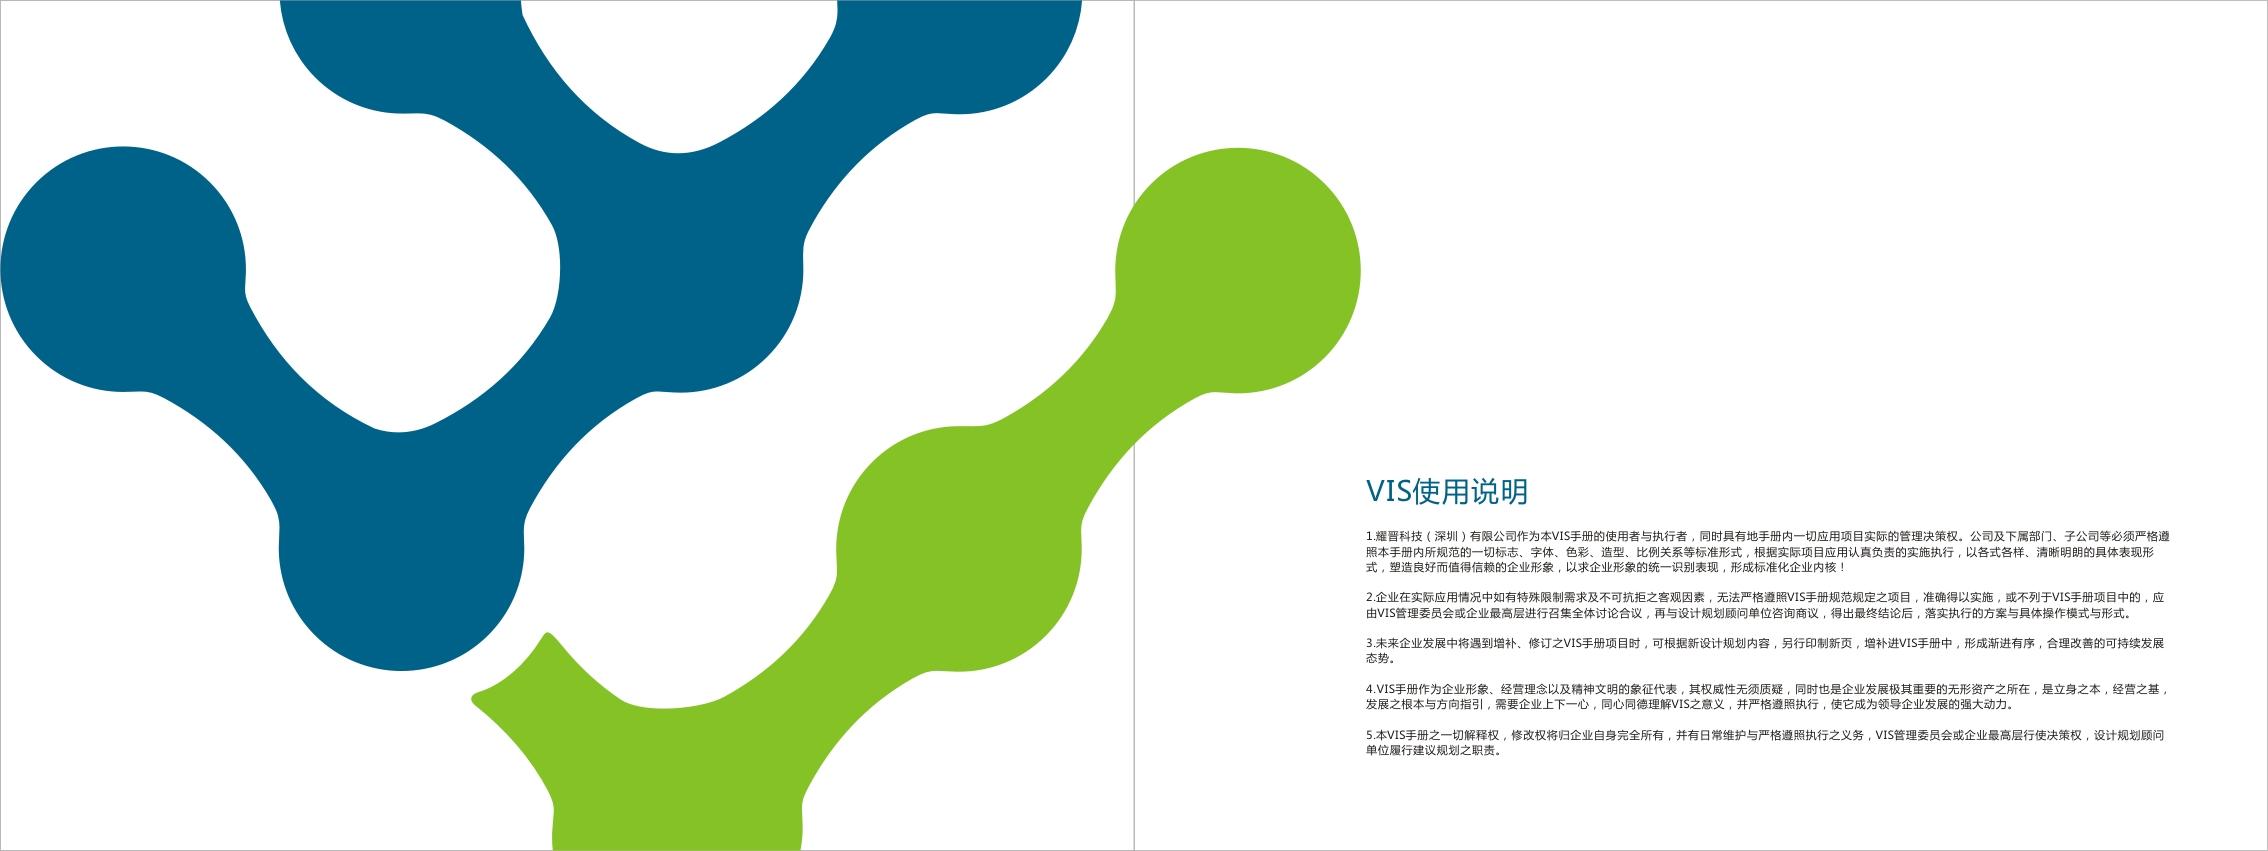 科技行业VI设计